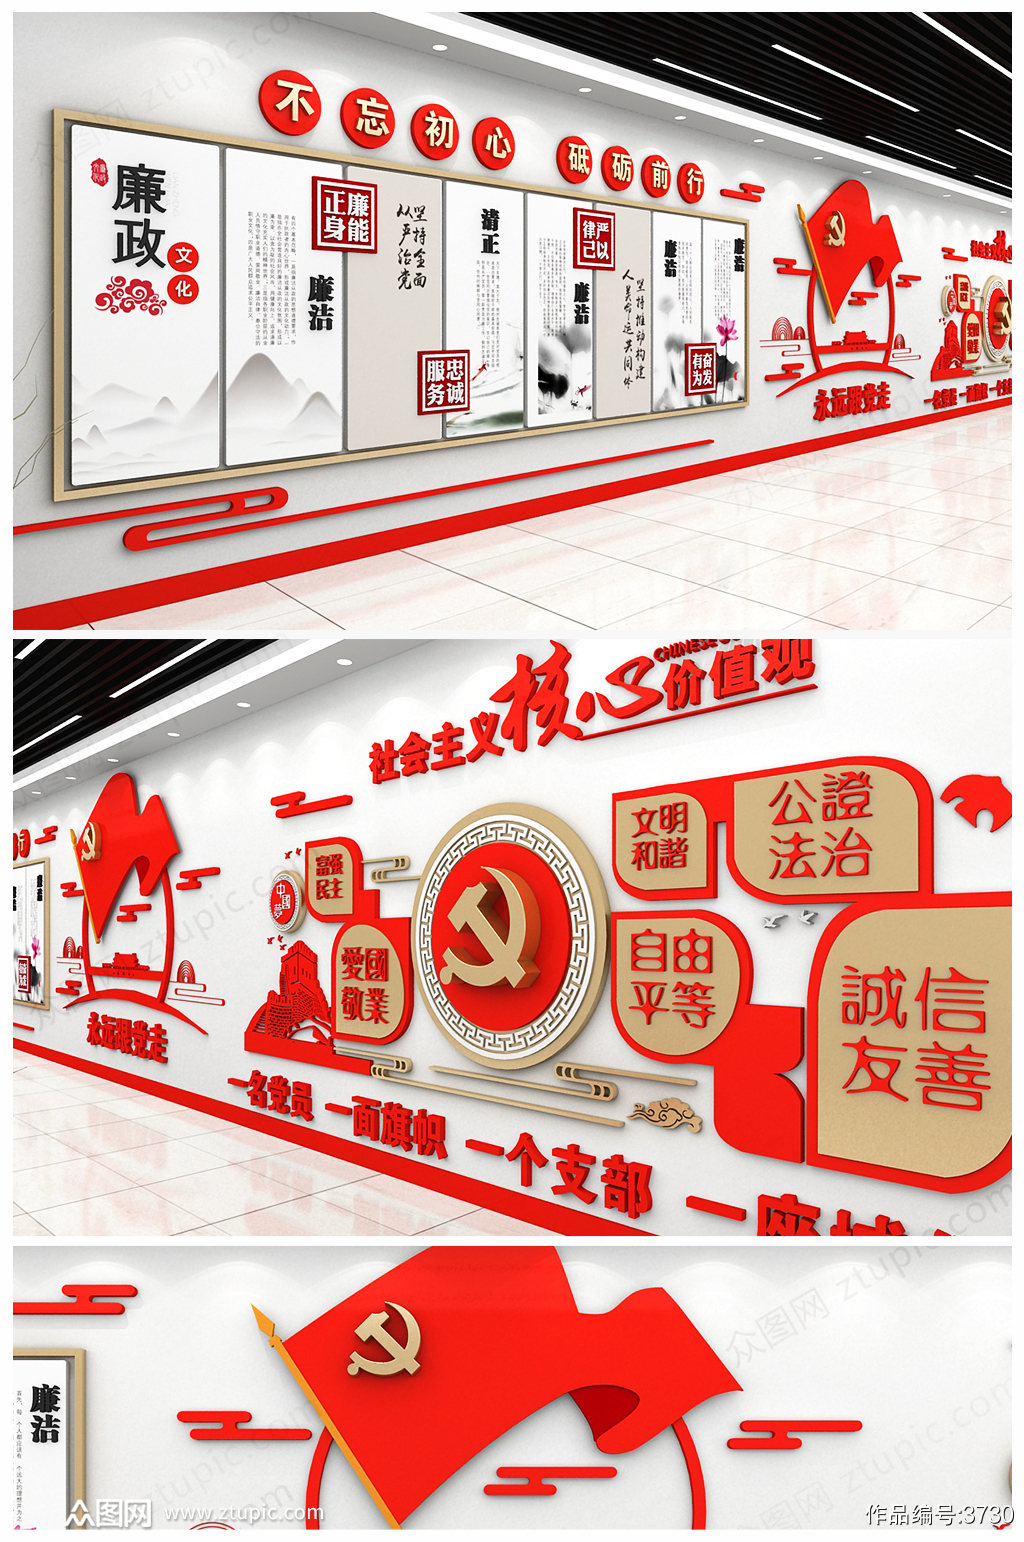 红色廉政文化墙党建文化墙设计素材